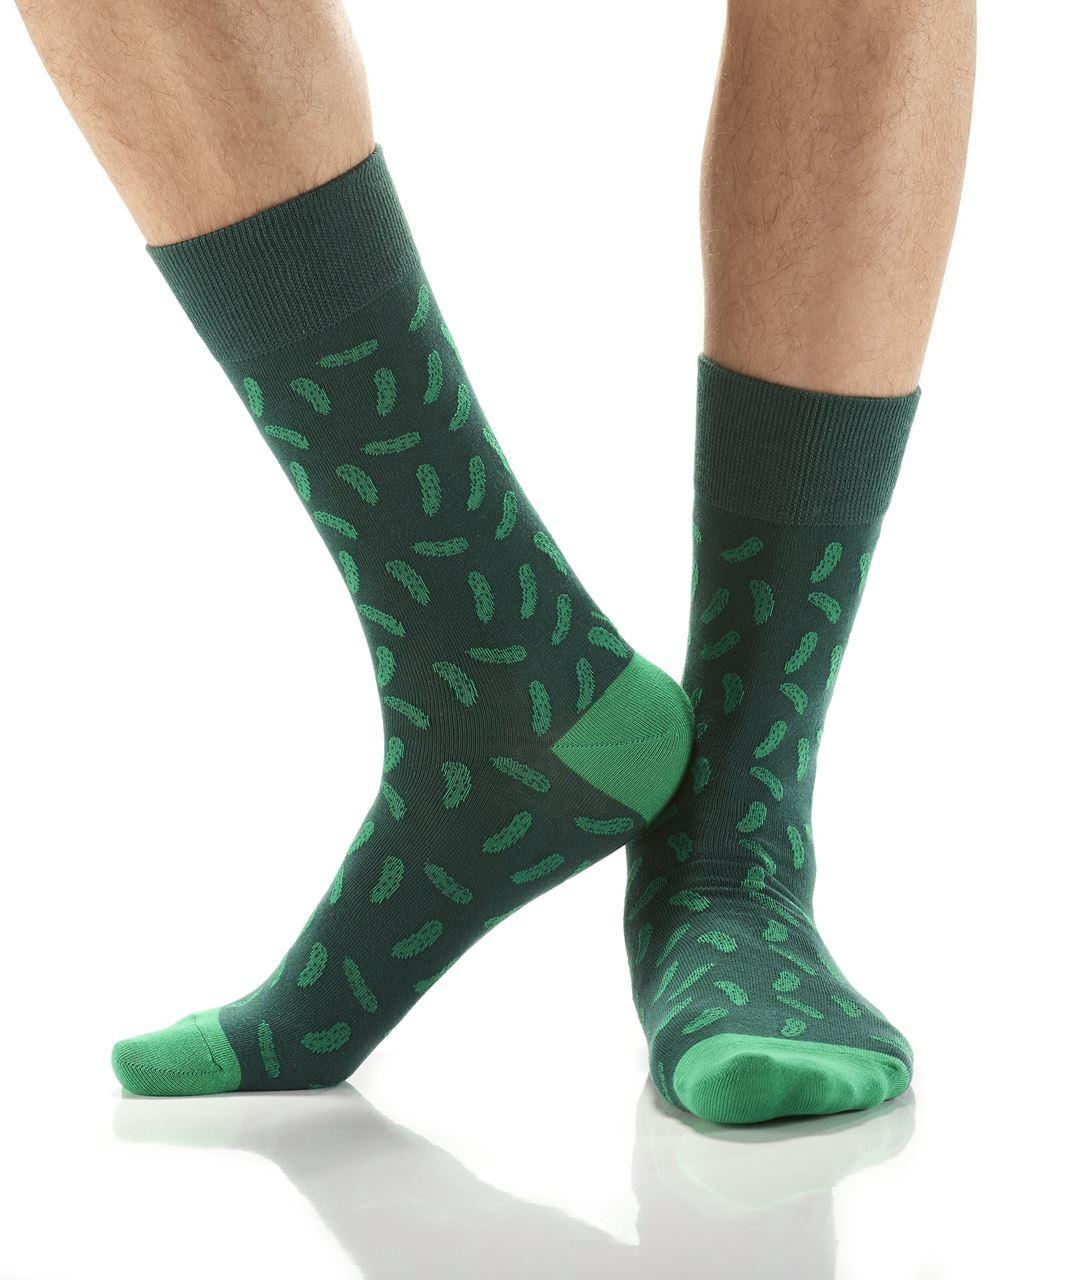 Pickles Men's Crew Socks by Yo Sox